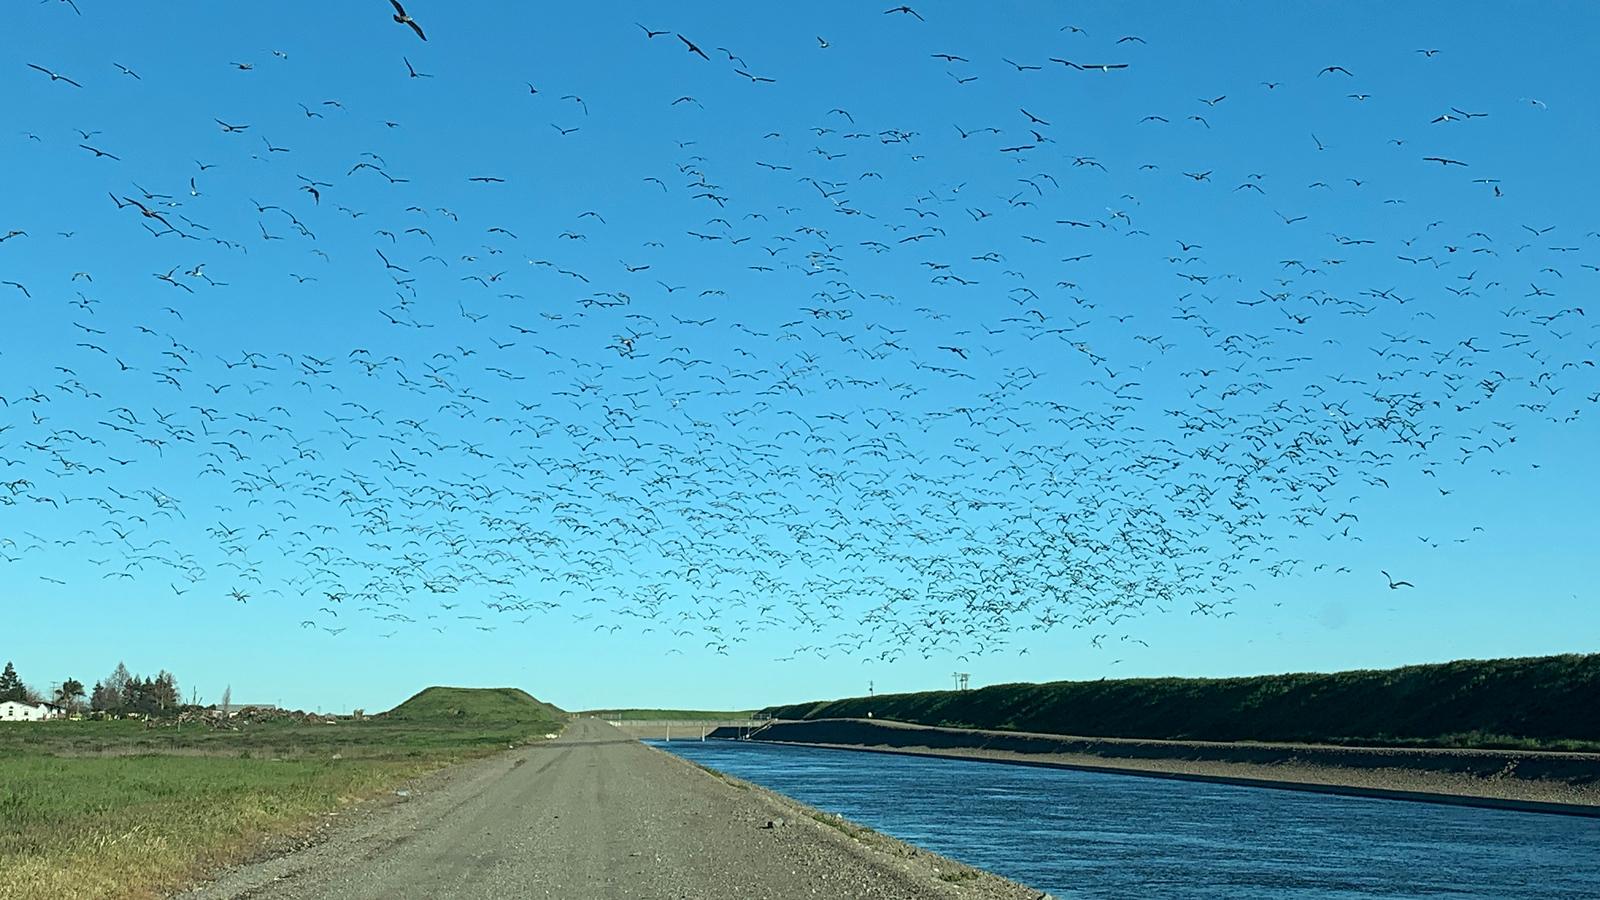 Gull flock in the air